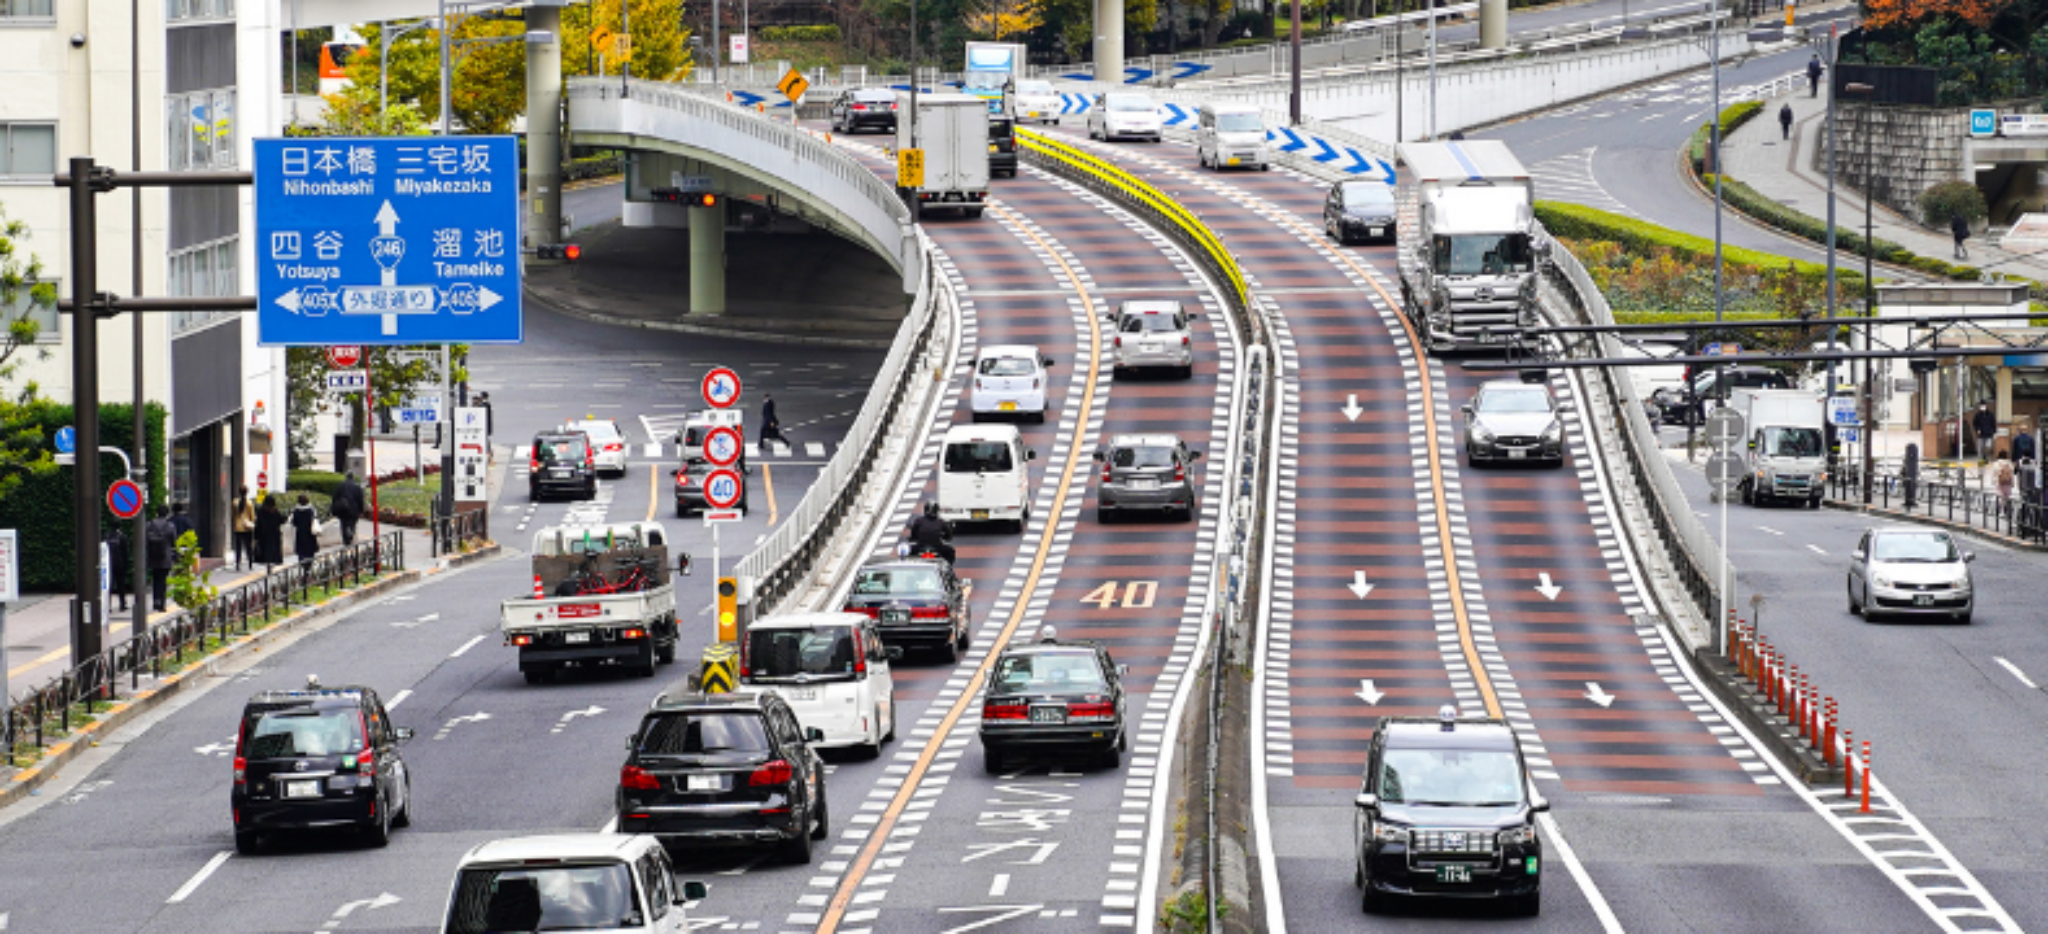 permis de conduire au japon